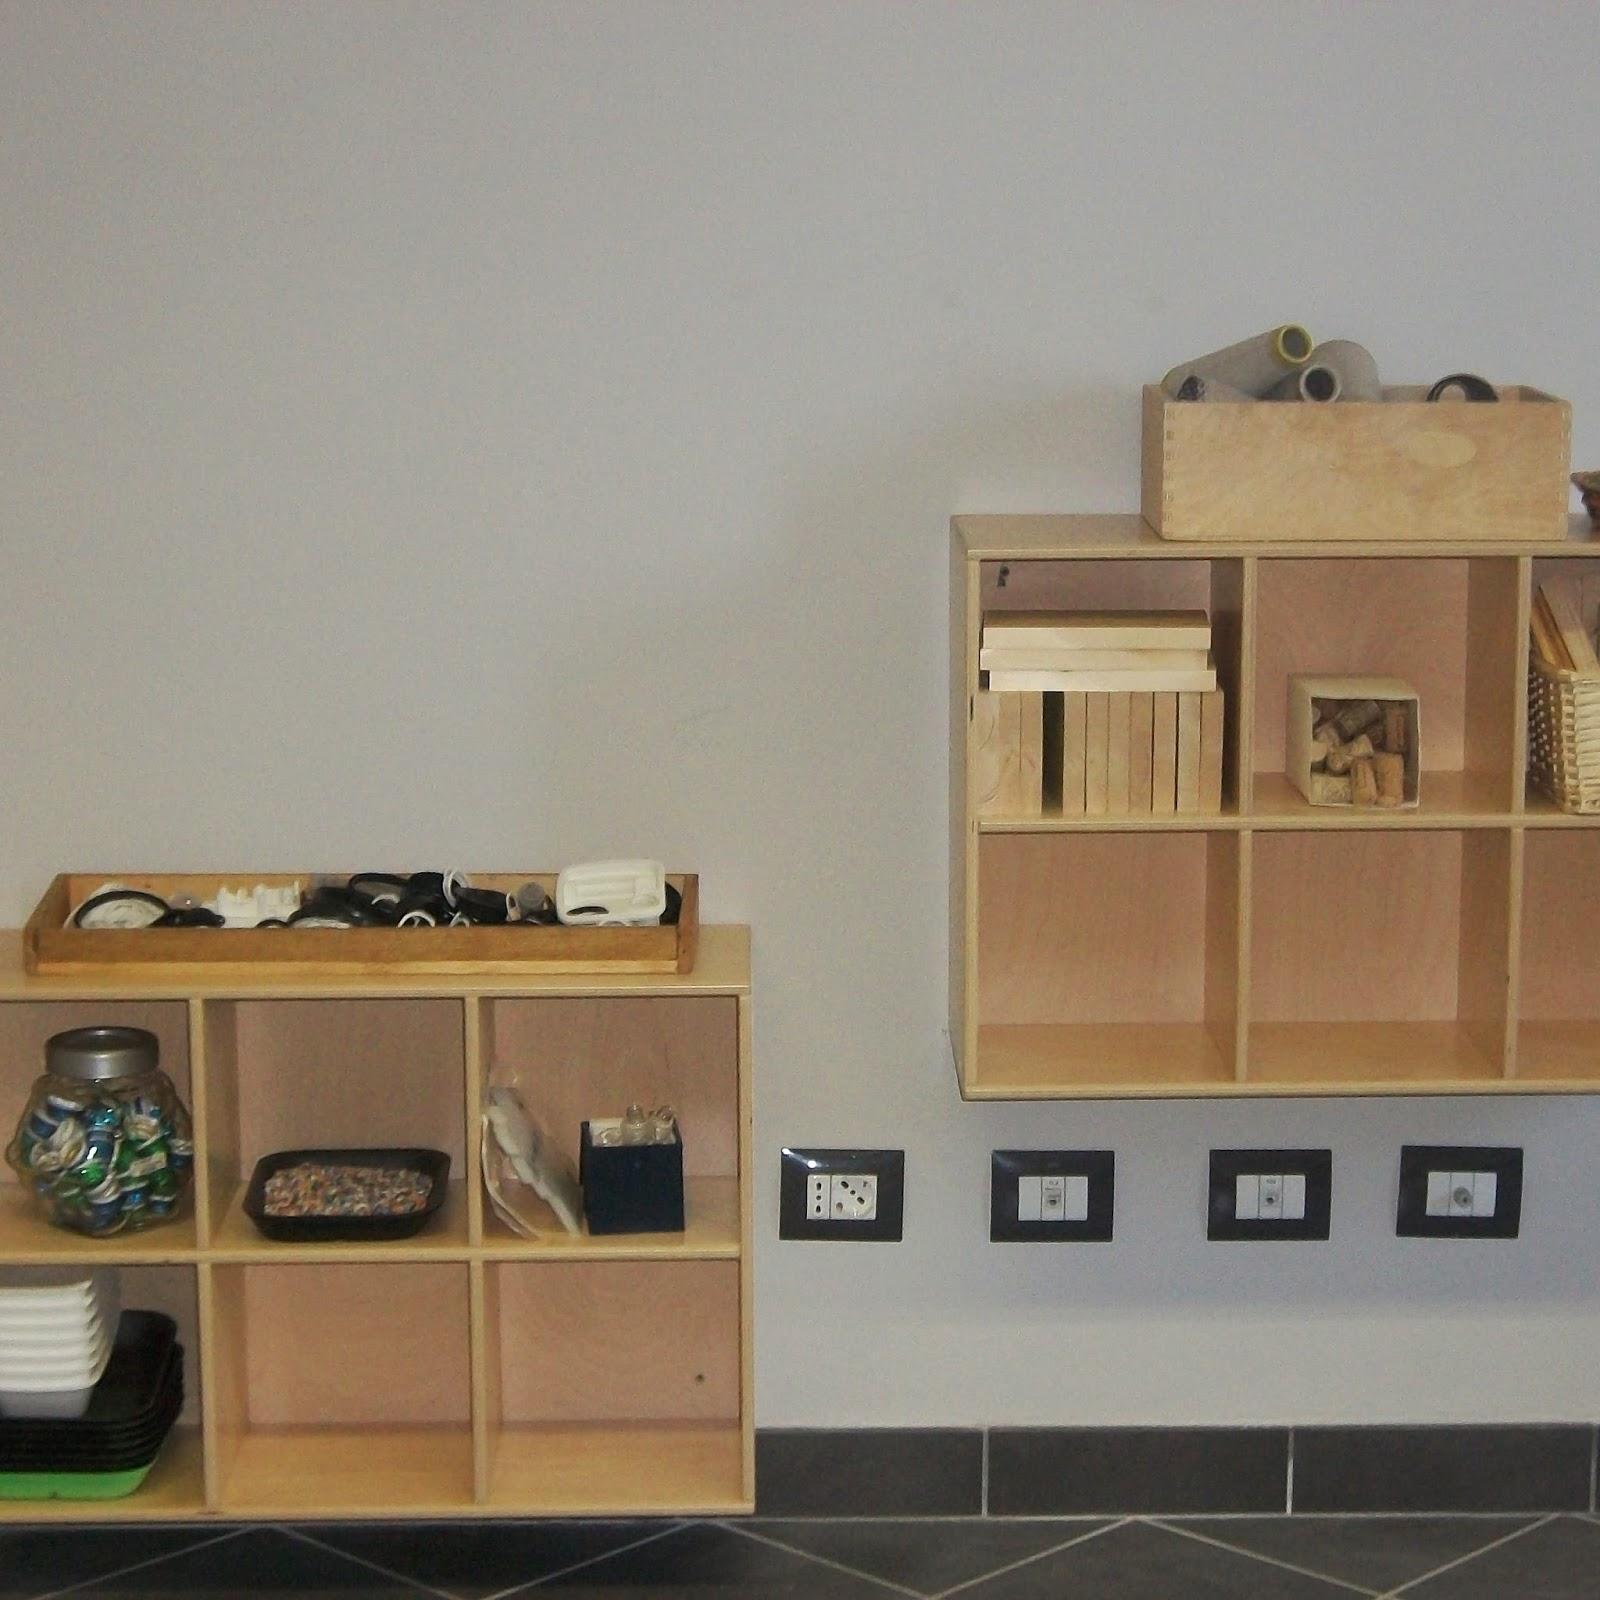 Organizzare lo spazio e arredare con materiali riciclati - Foto 10